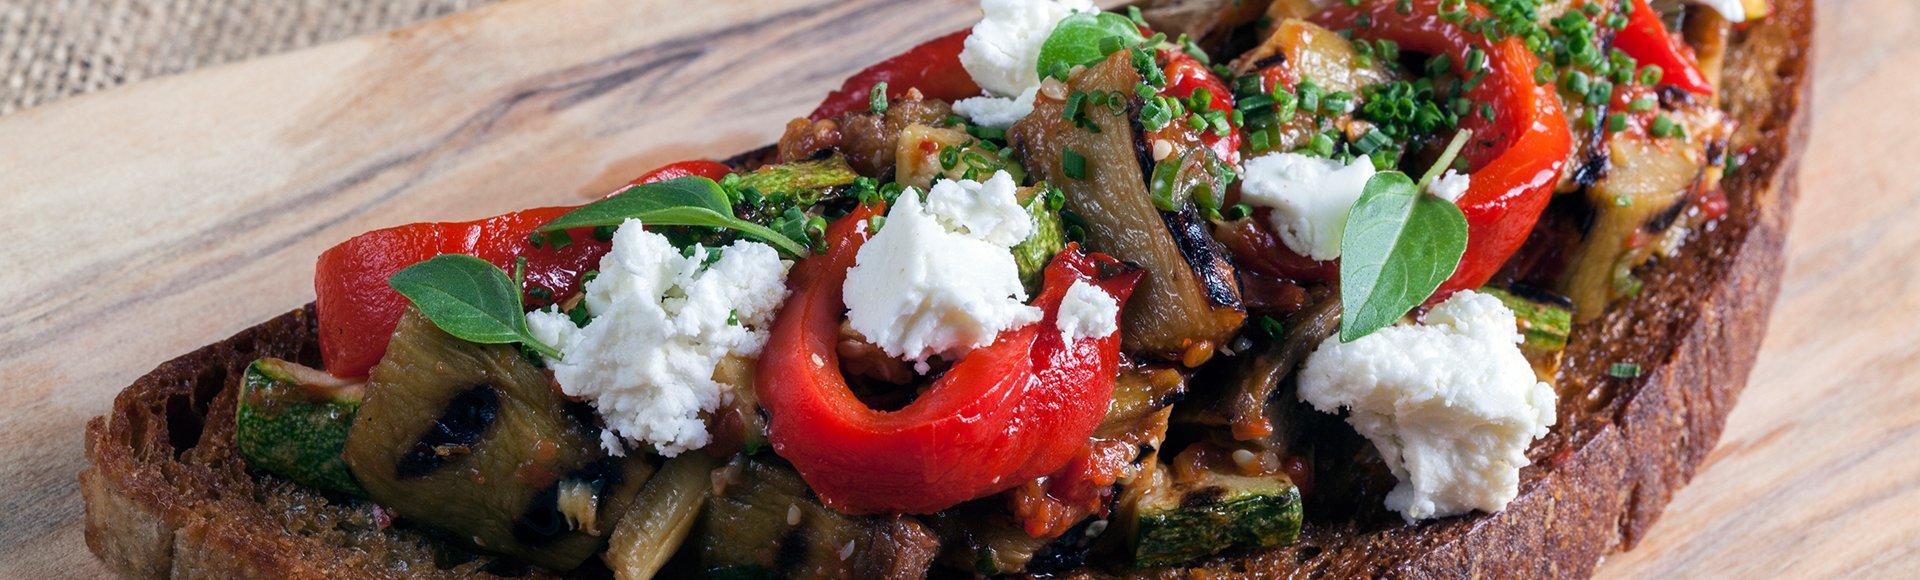 Μπρουσκέτα με λαχανικά σχάρας και κατσικίσιο τυρί